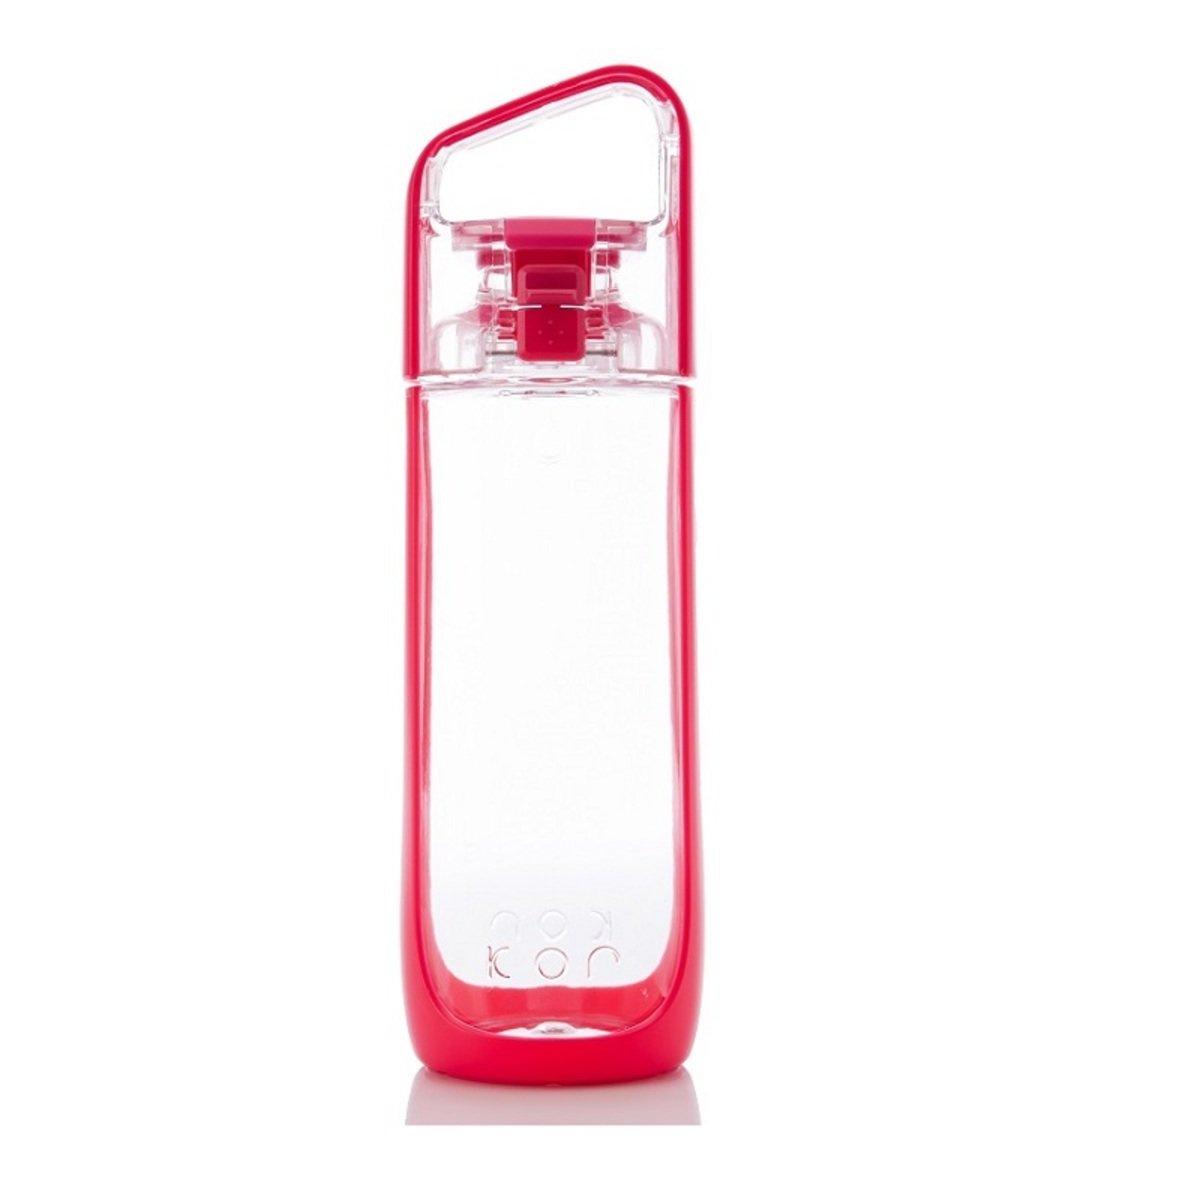 500ml Delta 運動杯-芭比紅